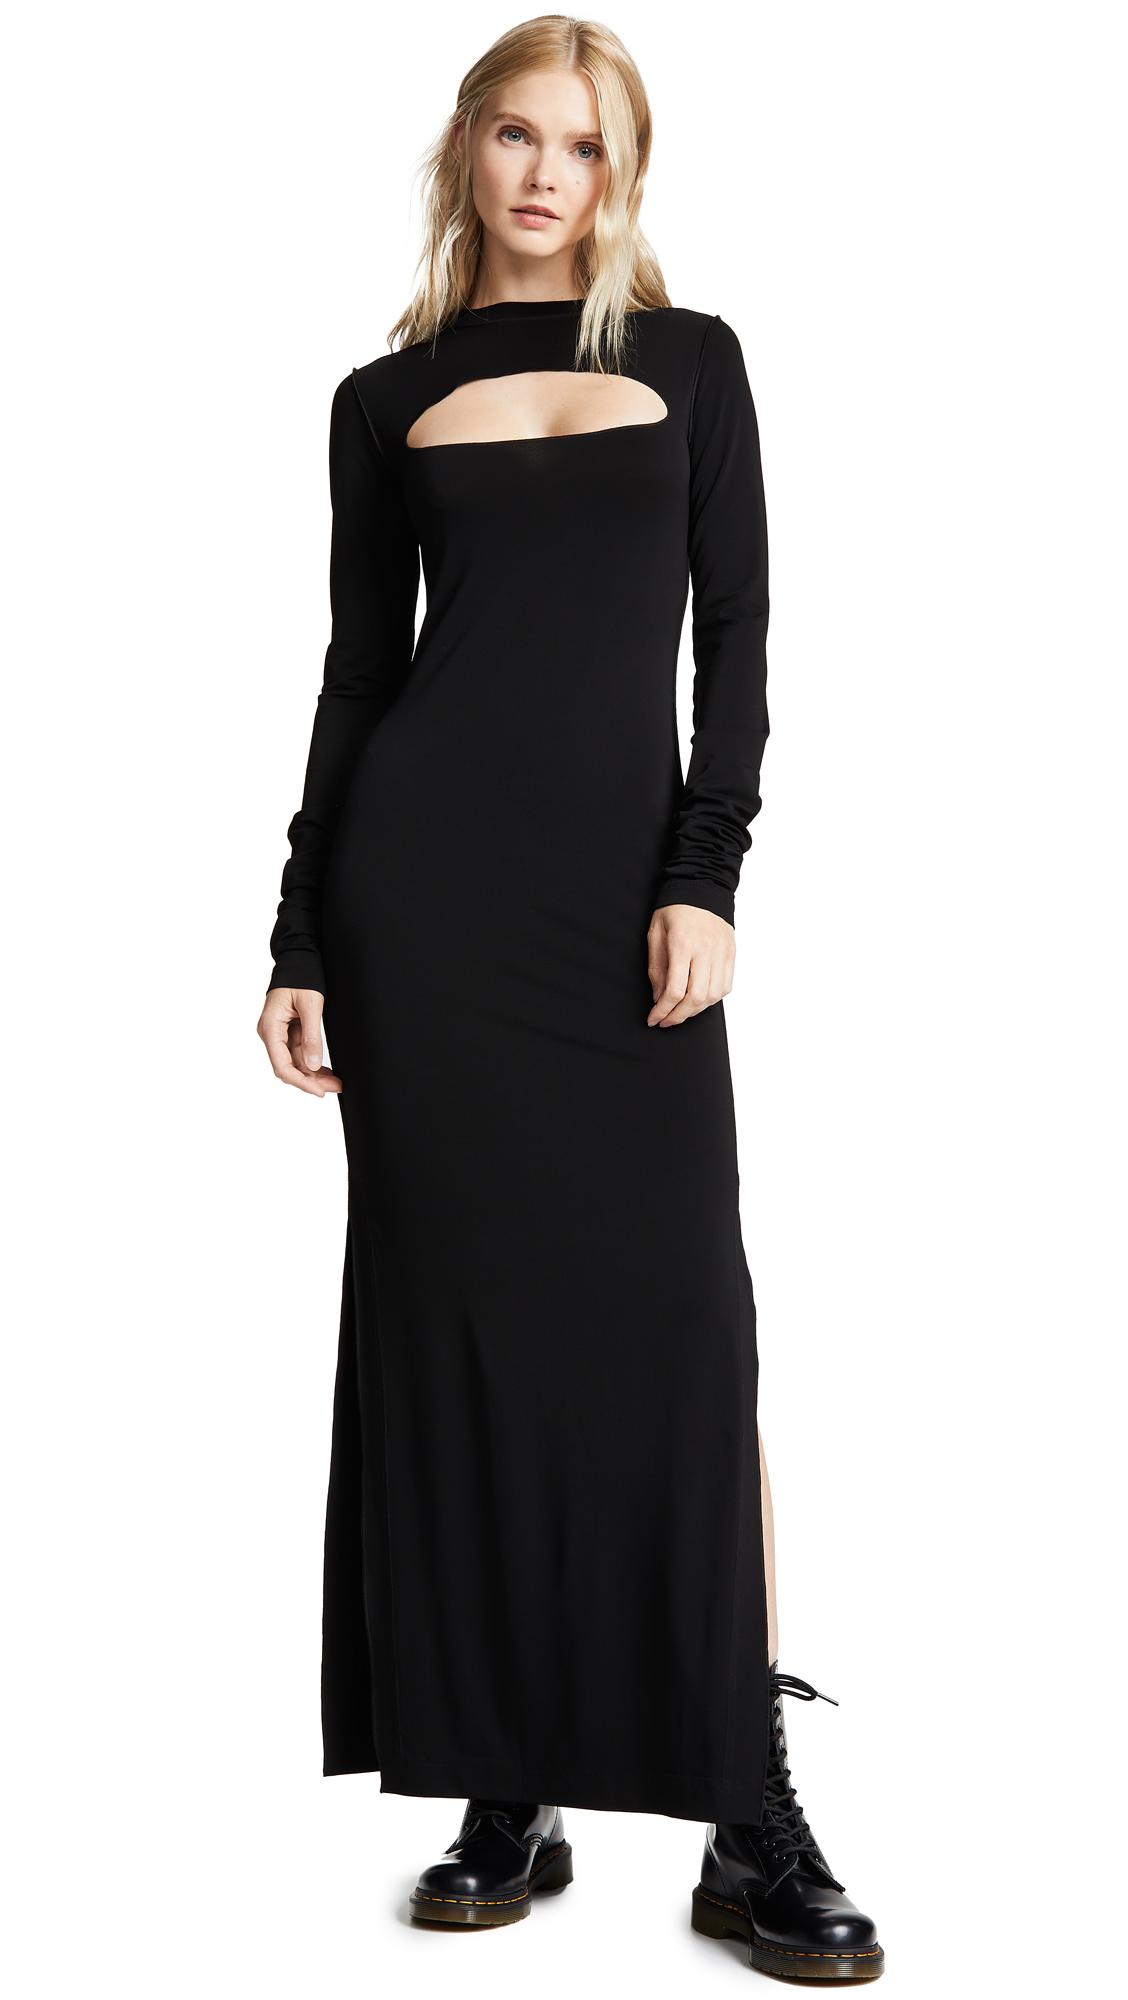 Marc Jacobs Redux Grunge Yoke Cutout Dress - Black